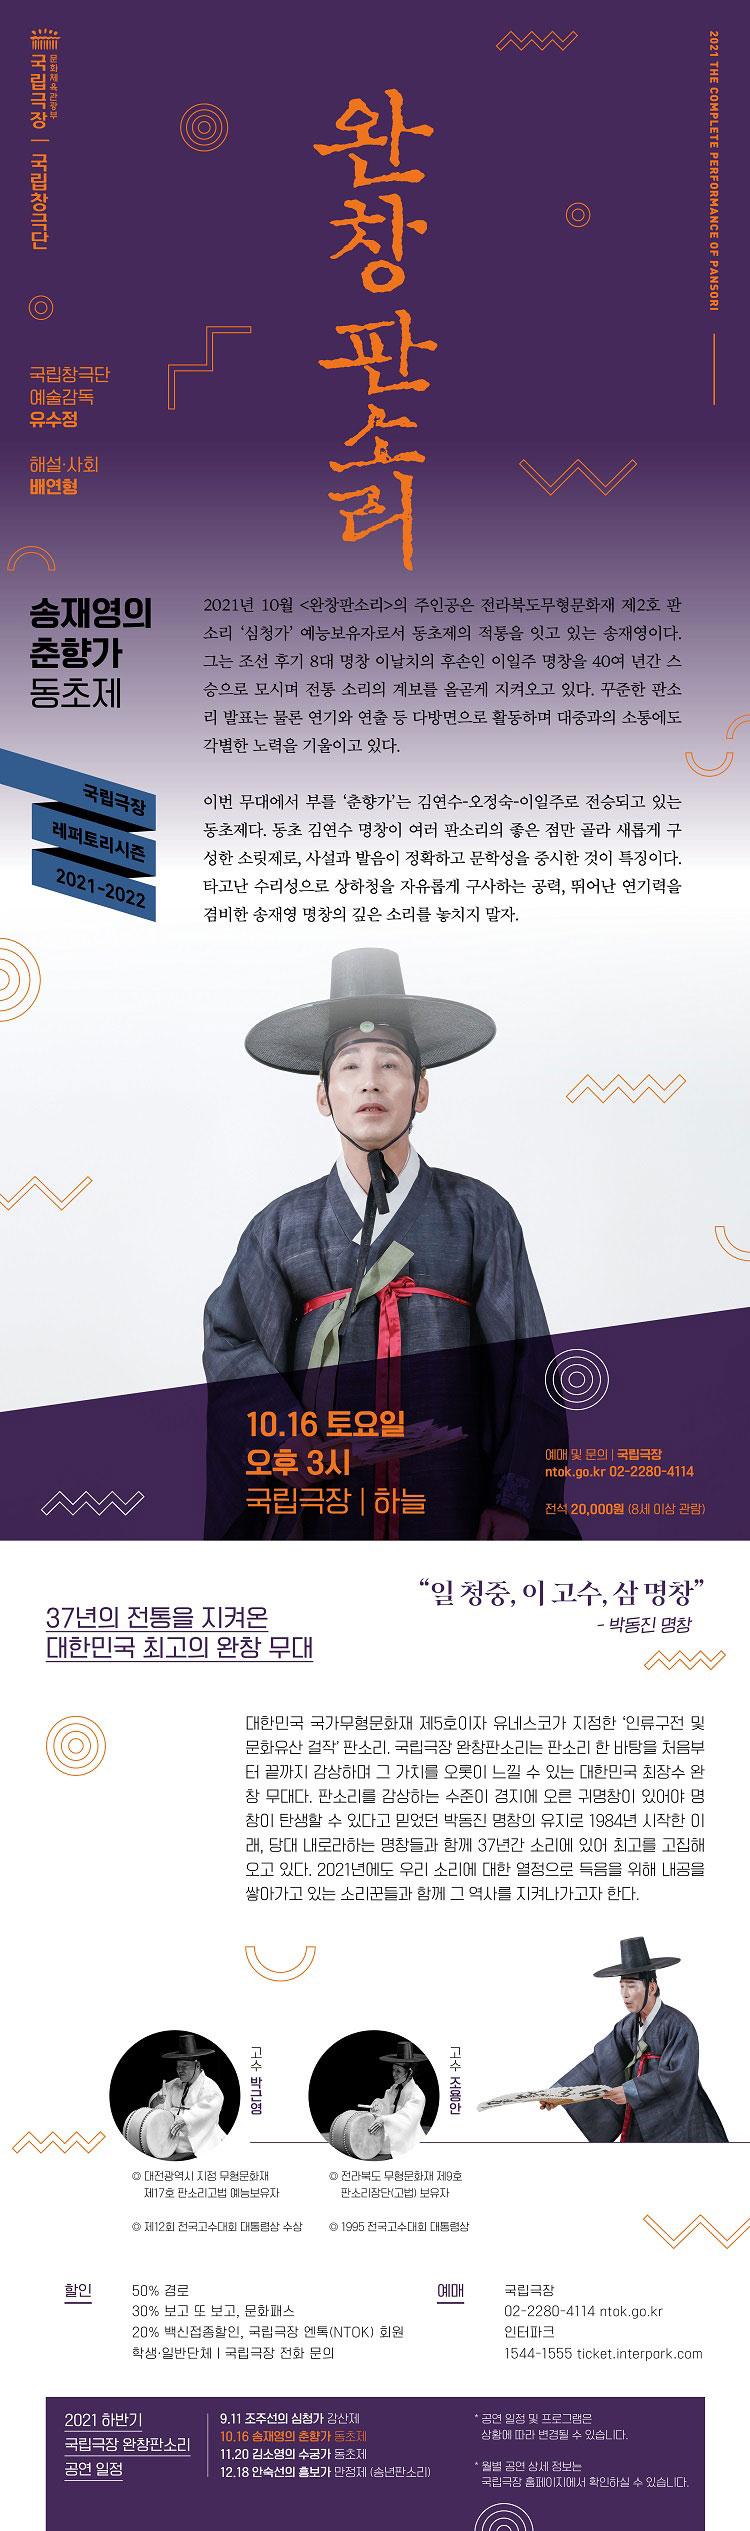 10월 16일 서울 국립극장 완창판소리 공연 '송재영 춘향가 - 동초제'